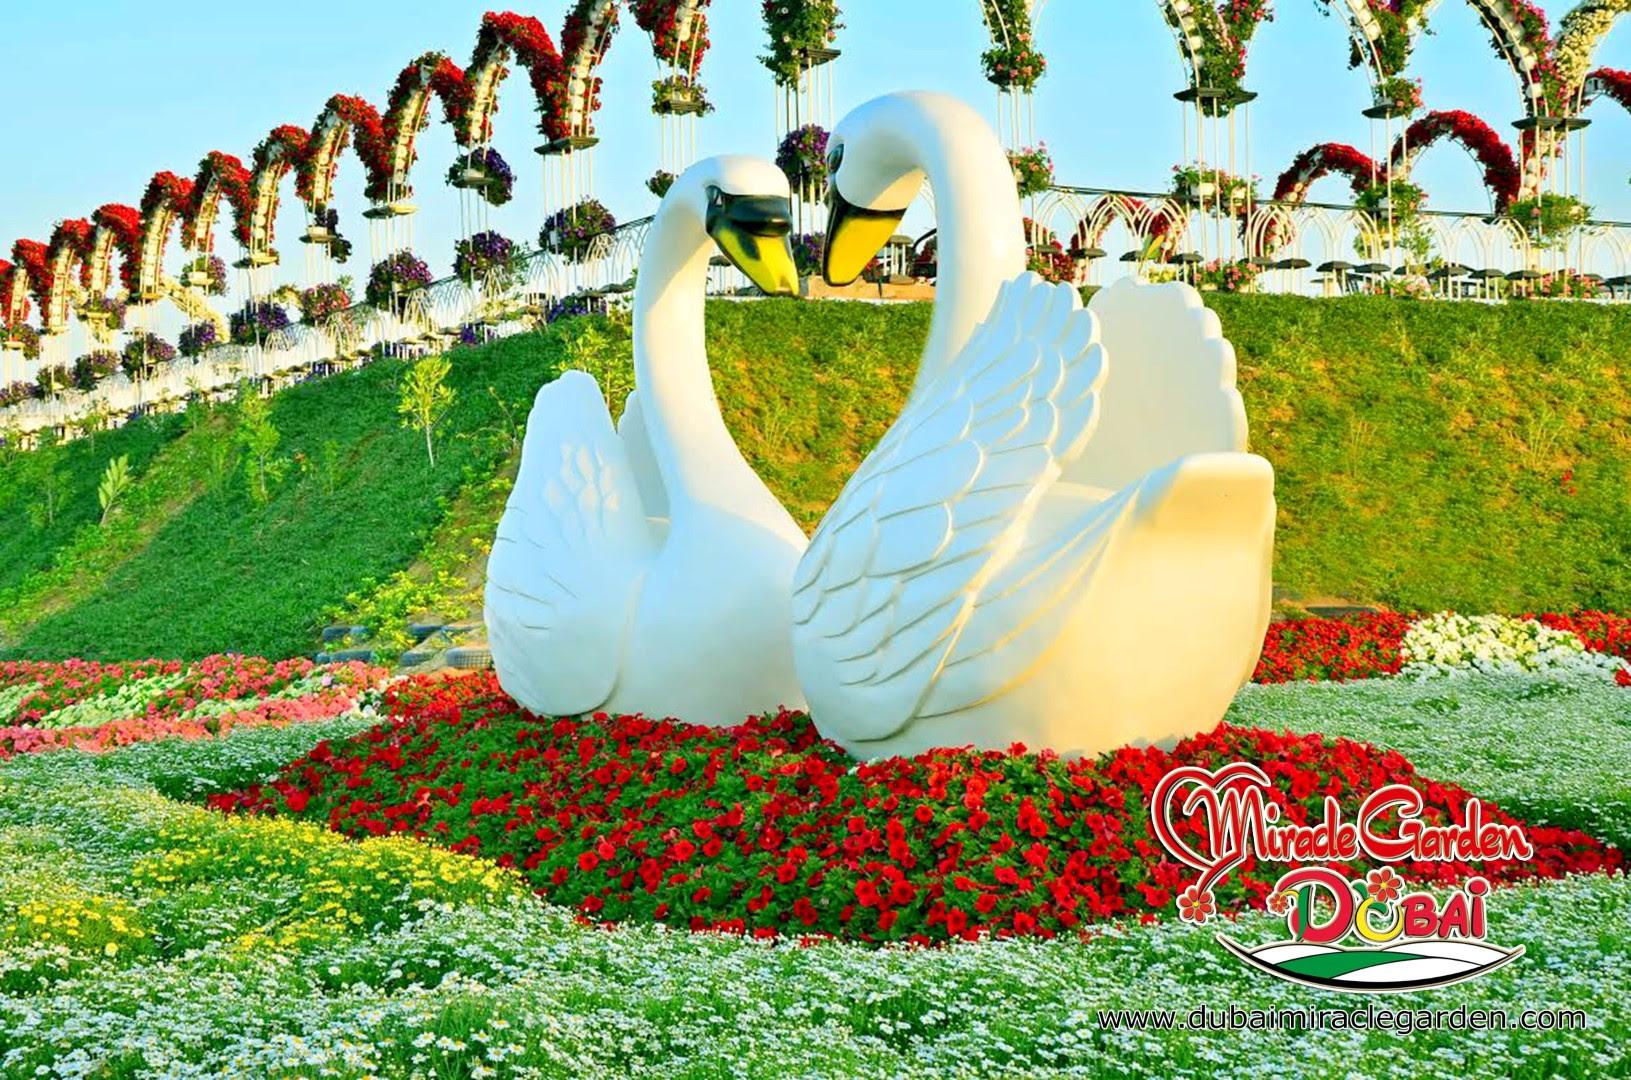 Dubai Miracle Garden 00